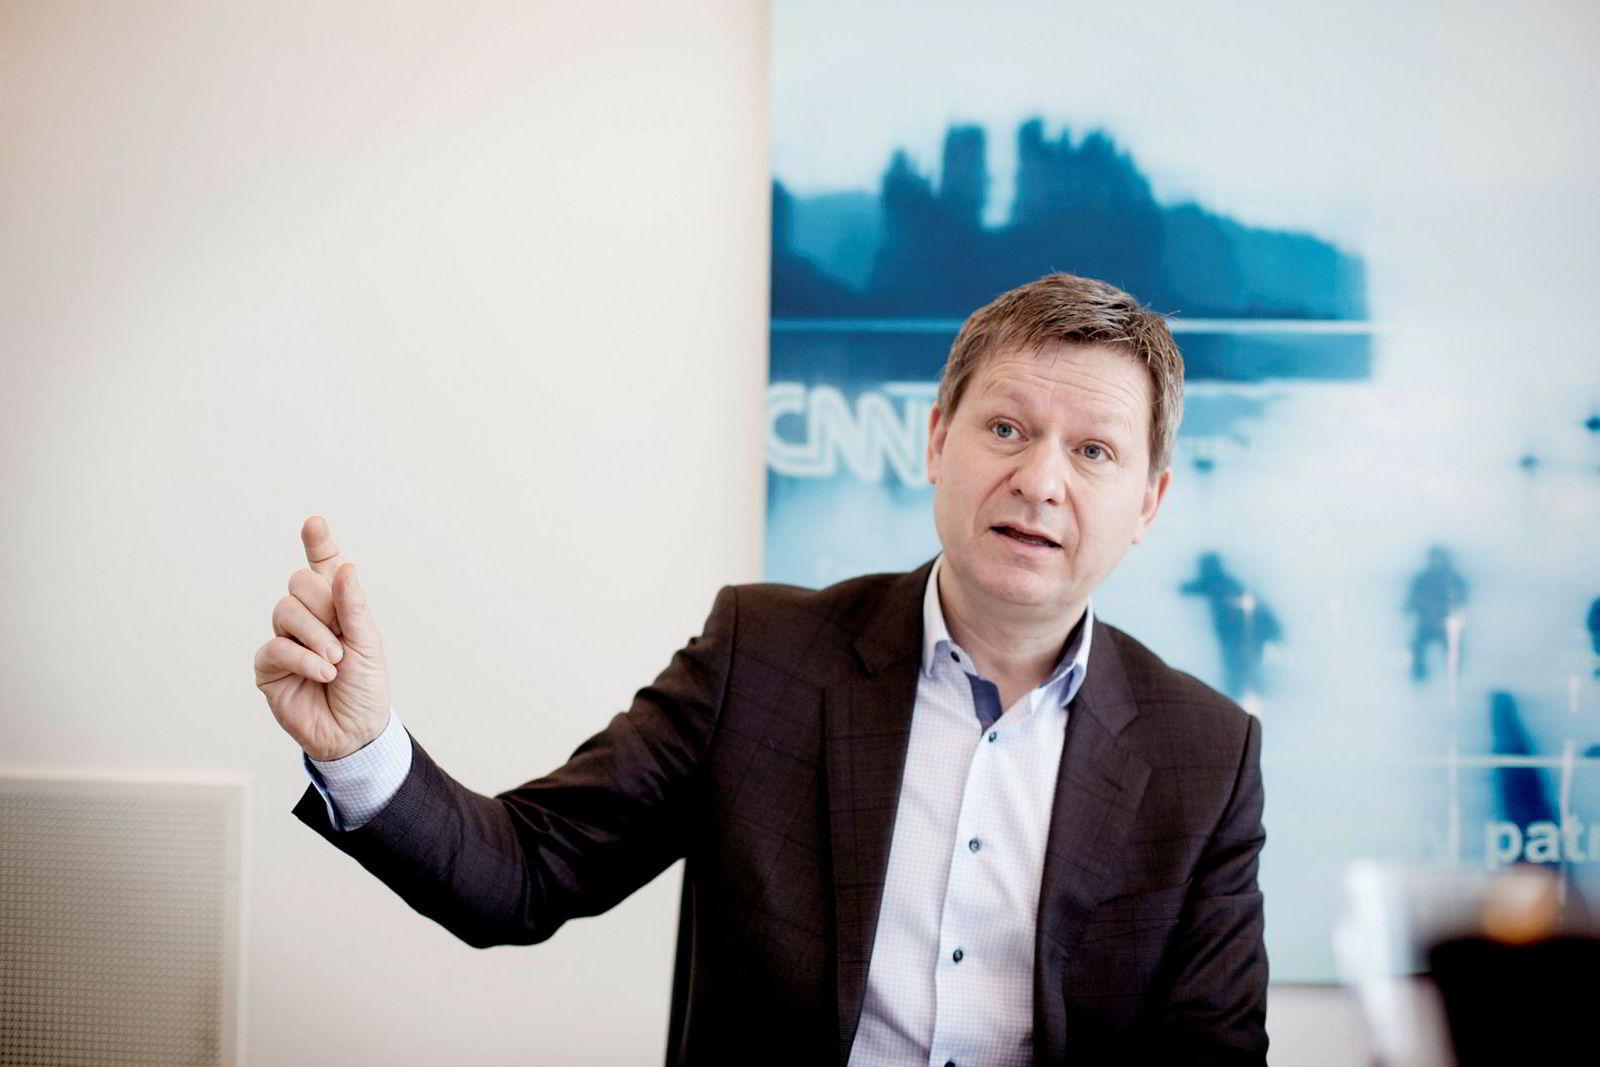 – Det brede bildet er at etter oljesmellen i 2014 og 2015, er kredittmarkedet kommet tilbake, som det alltid gjør, sier kredittanalysesjef Pål Ringholm i Sparebank 1 Markets.